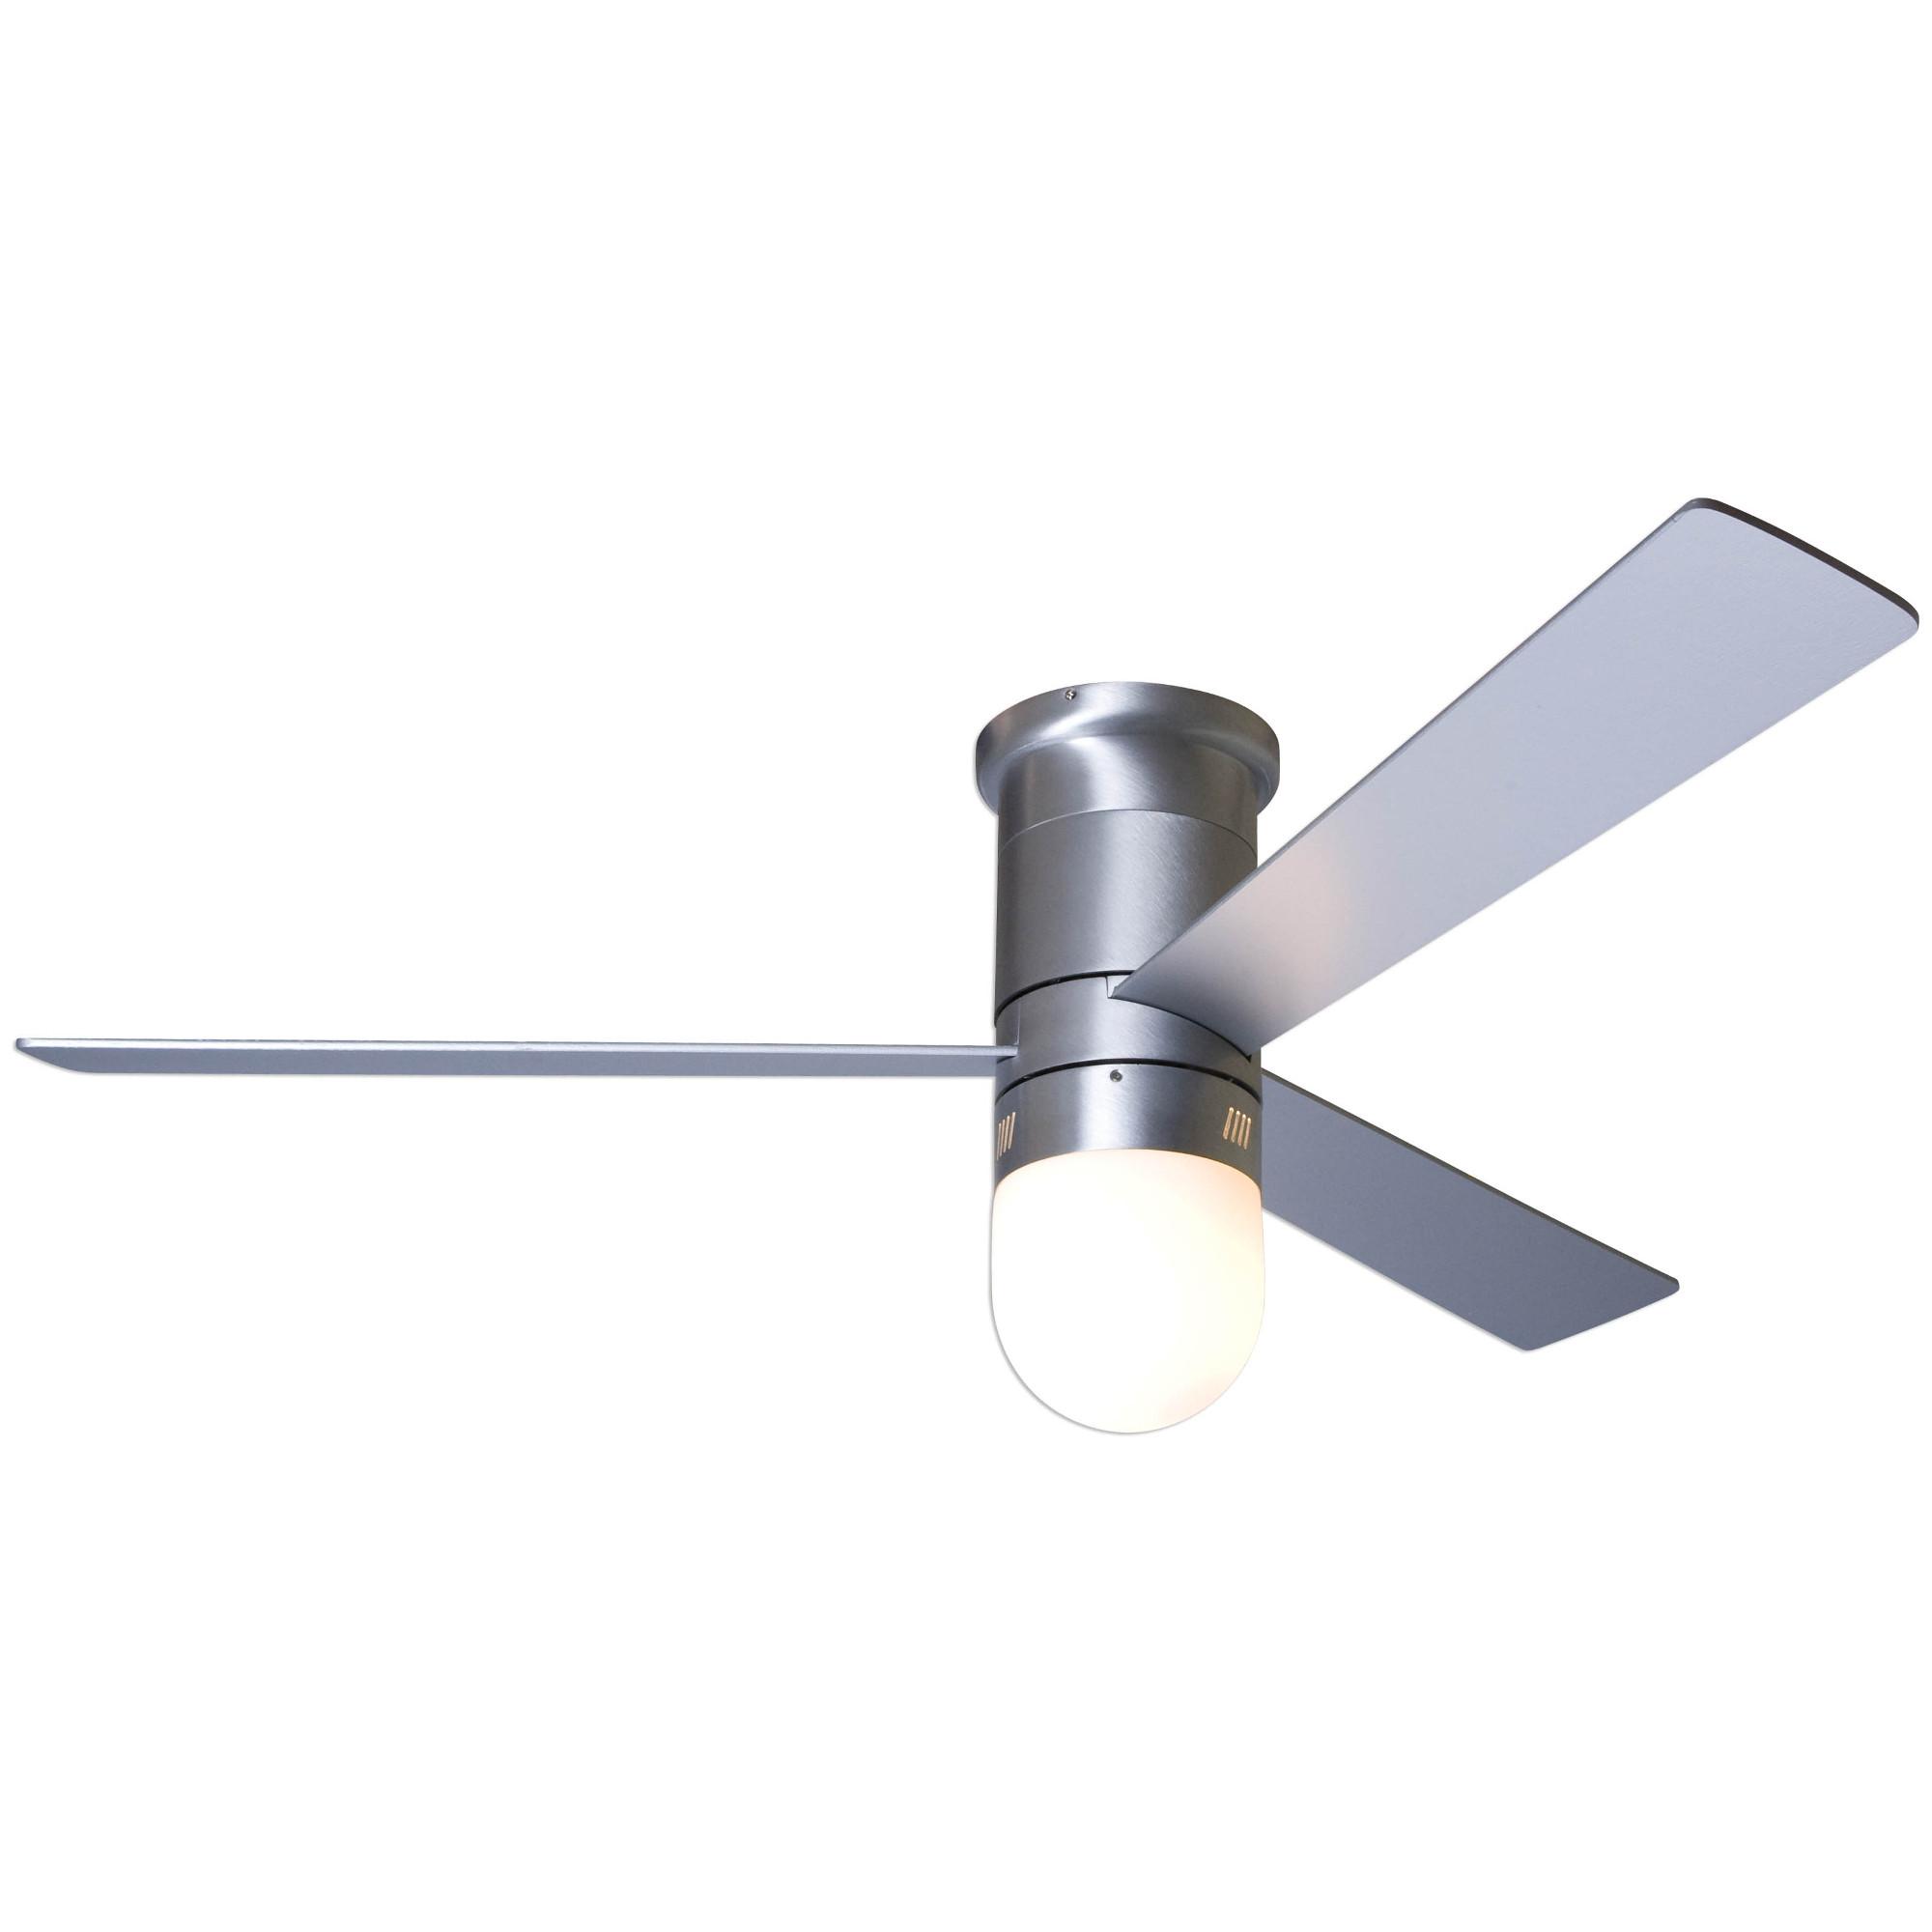 White Cirrus Flush Ceiling Fan Light By Fan Cirrus Flush Ceiling Fan Light By Fan Fan Company Altus Fan Company Lapa houzz-03 Modern Fan Company